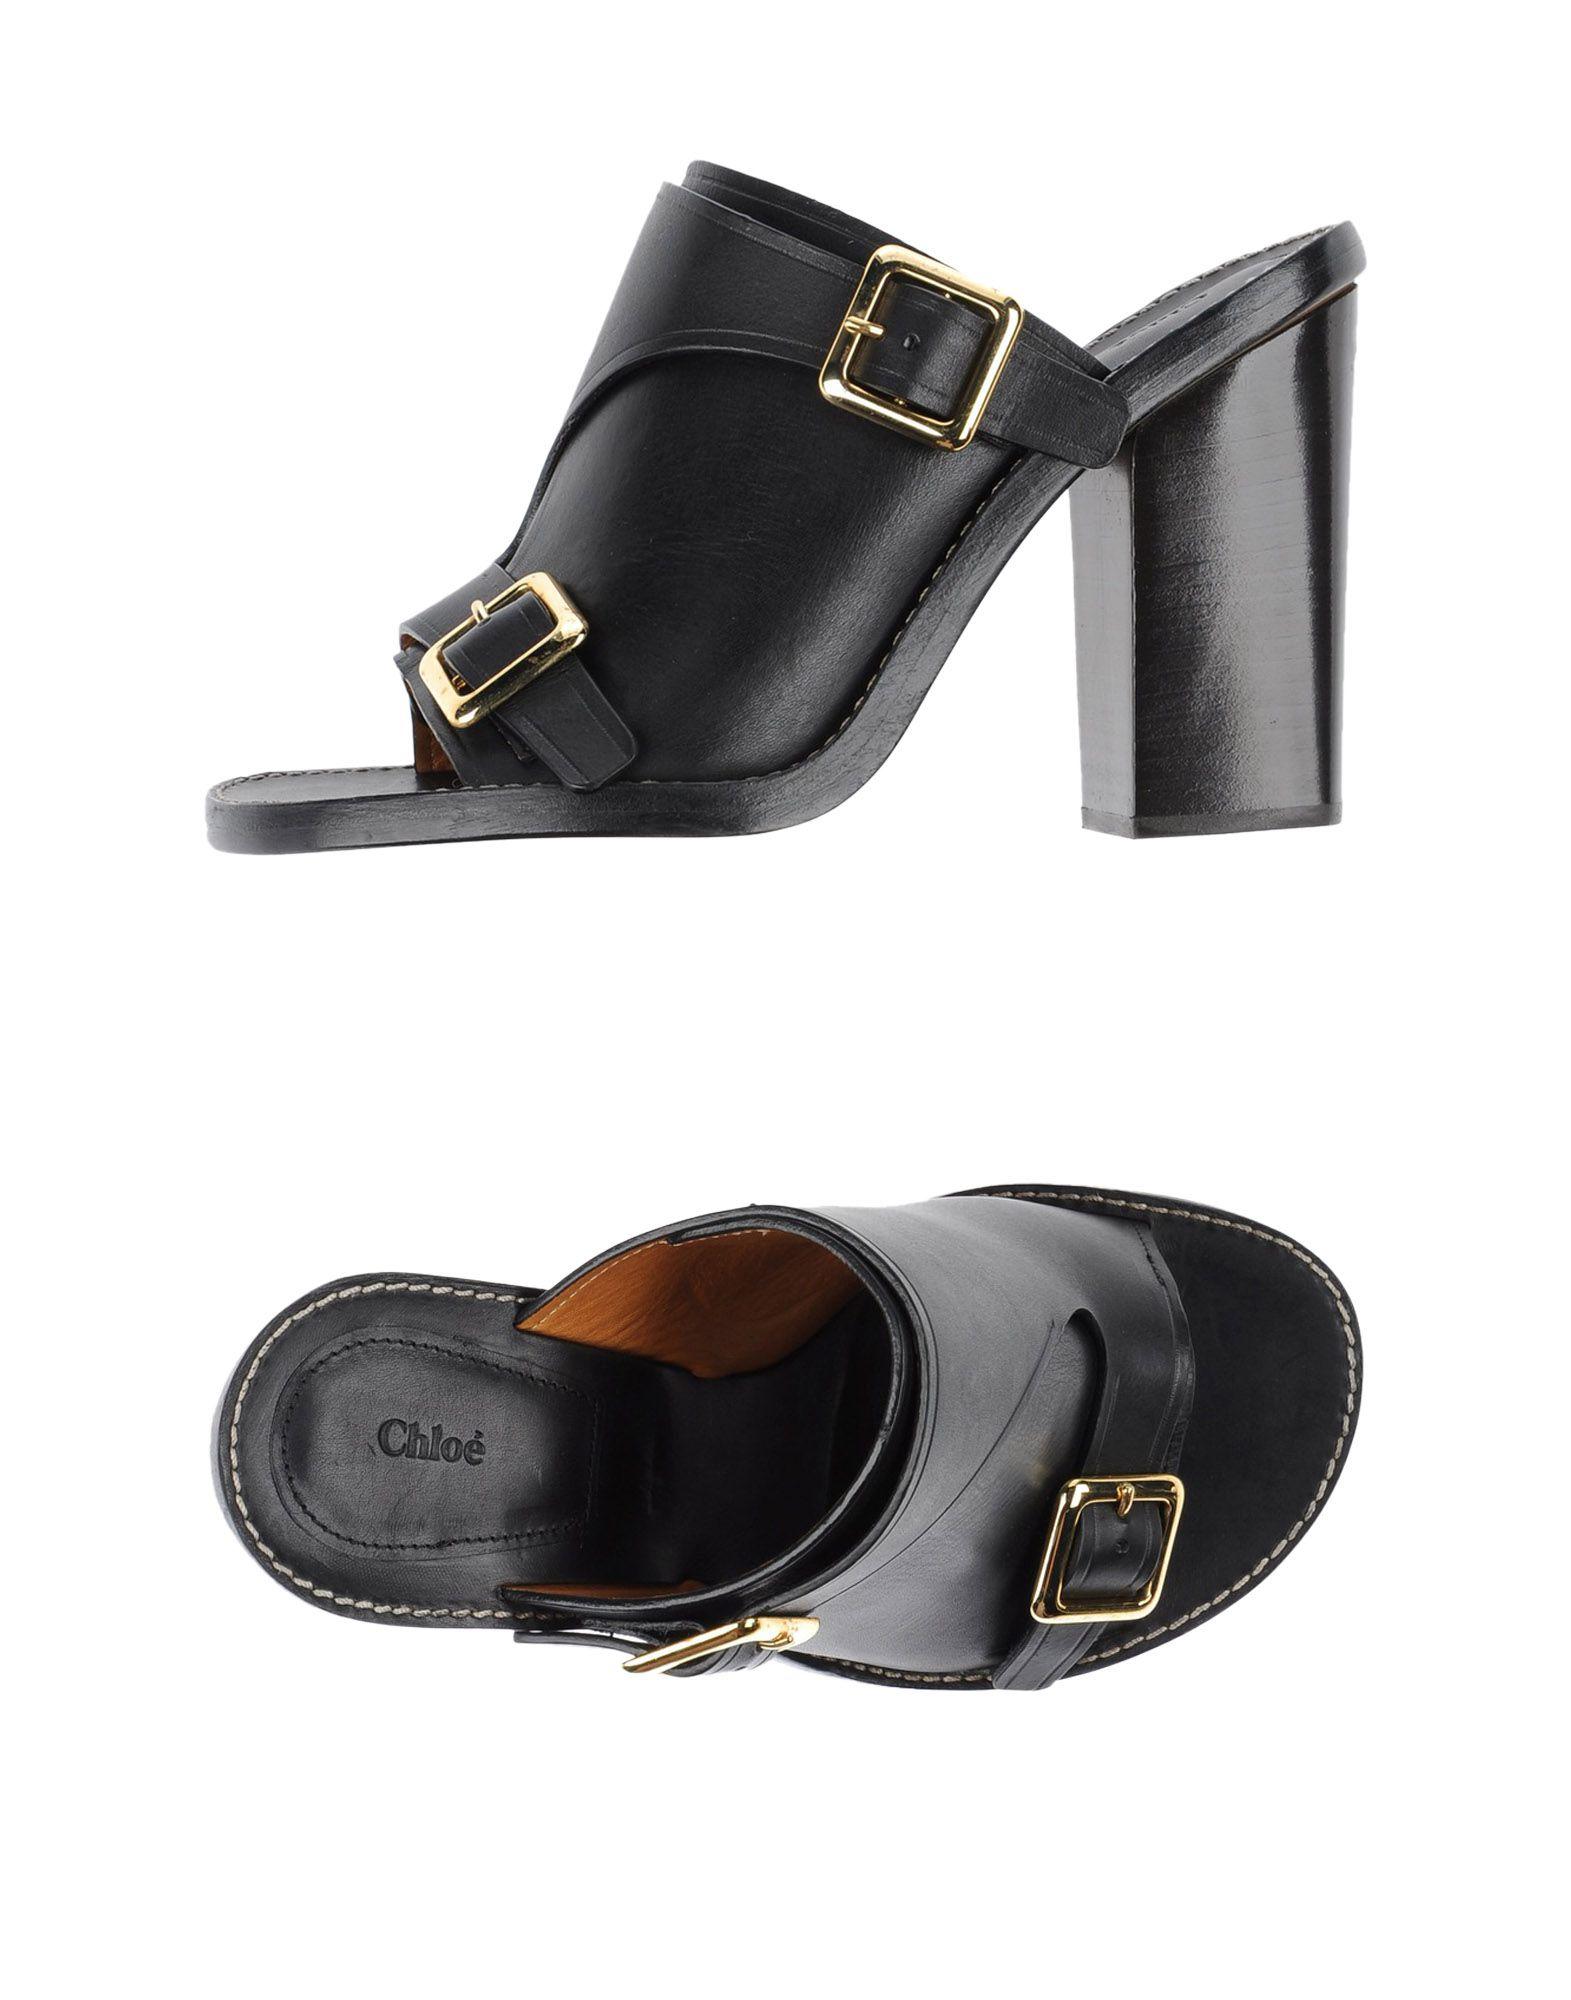 Chloé Sandalen Damen Schuhe  44868454DWGünstige gut aussehende Schuhe Damen db5b41